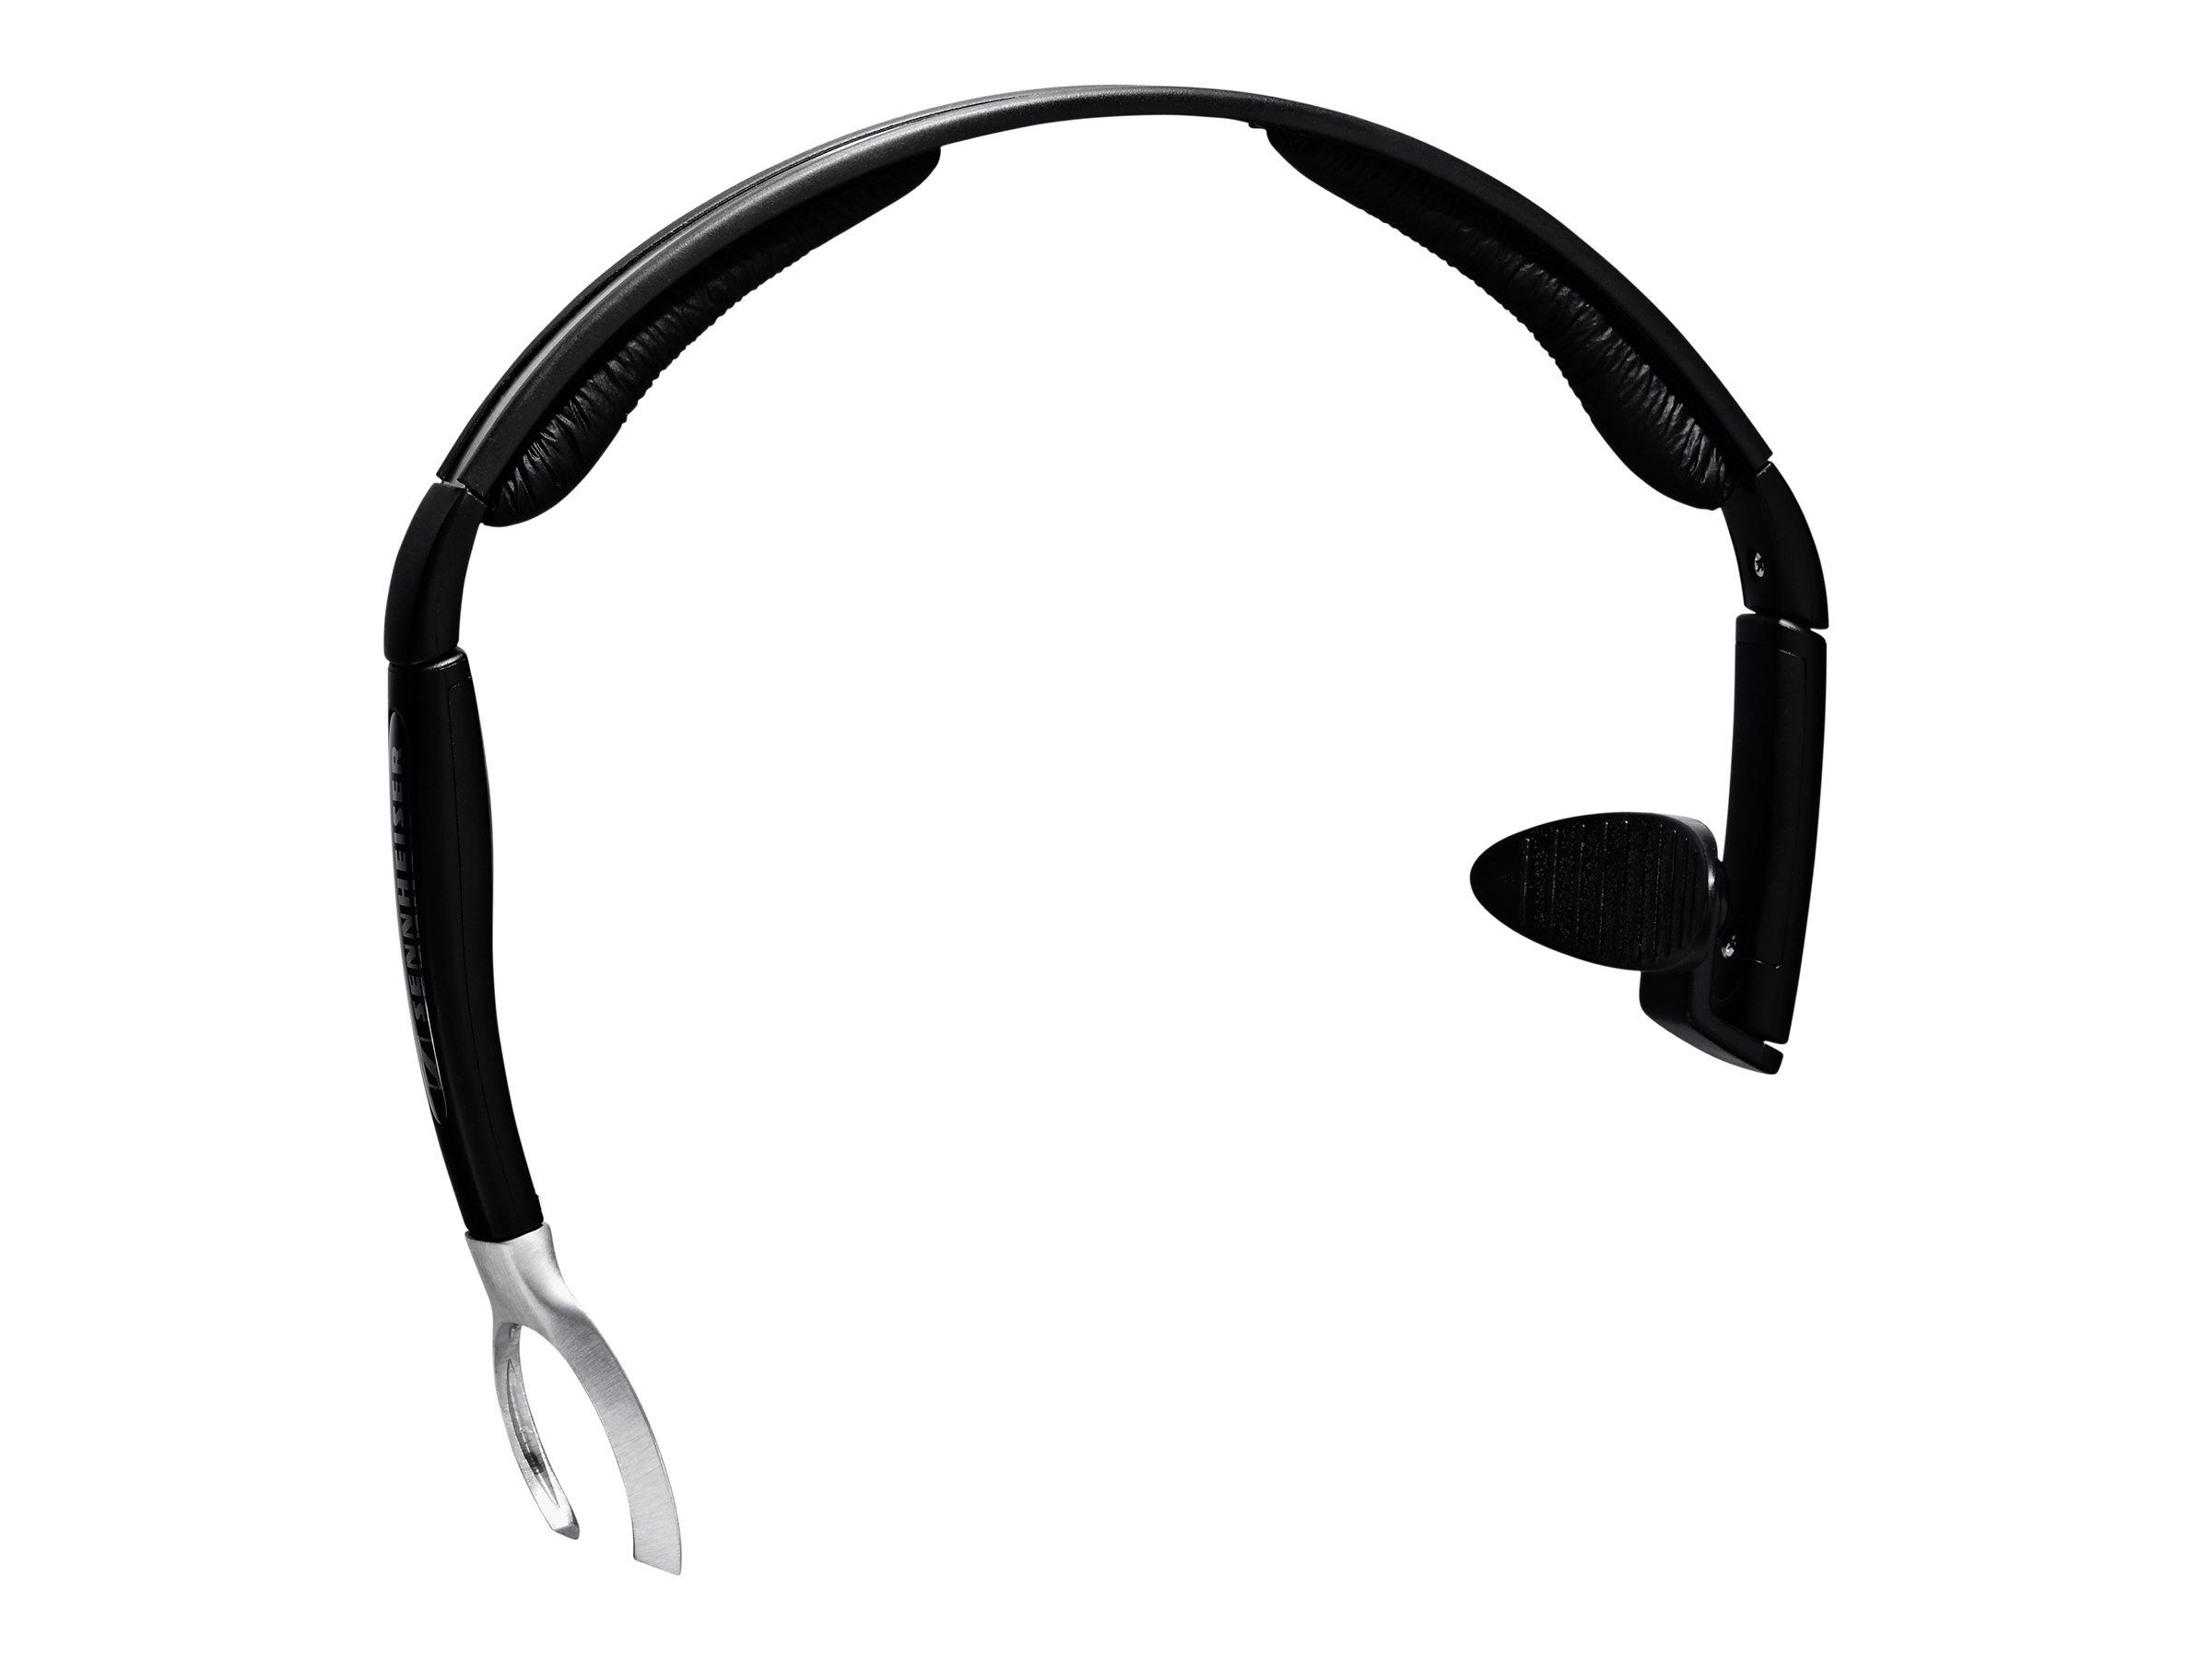 EPOS I SENNHEISER SHC 01 - Kopfbügel für Headset - für CC 530; Sennheiser CC 530